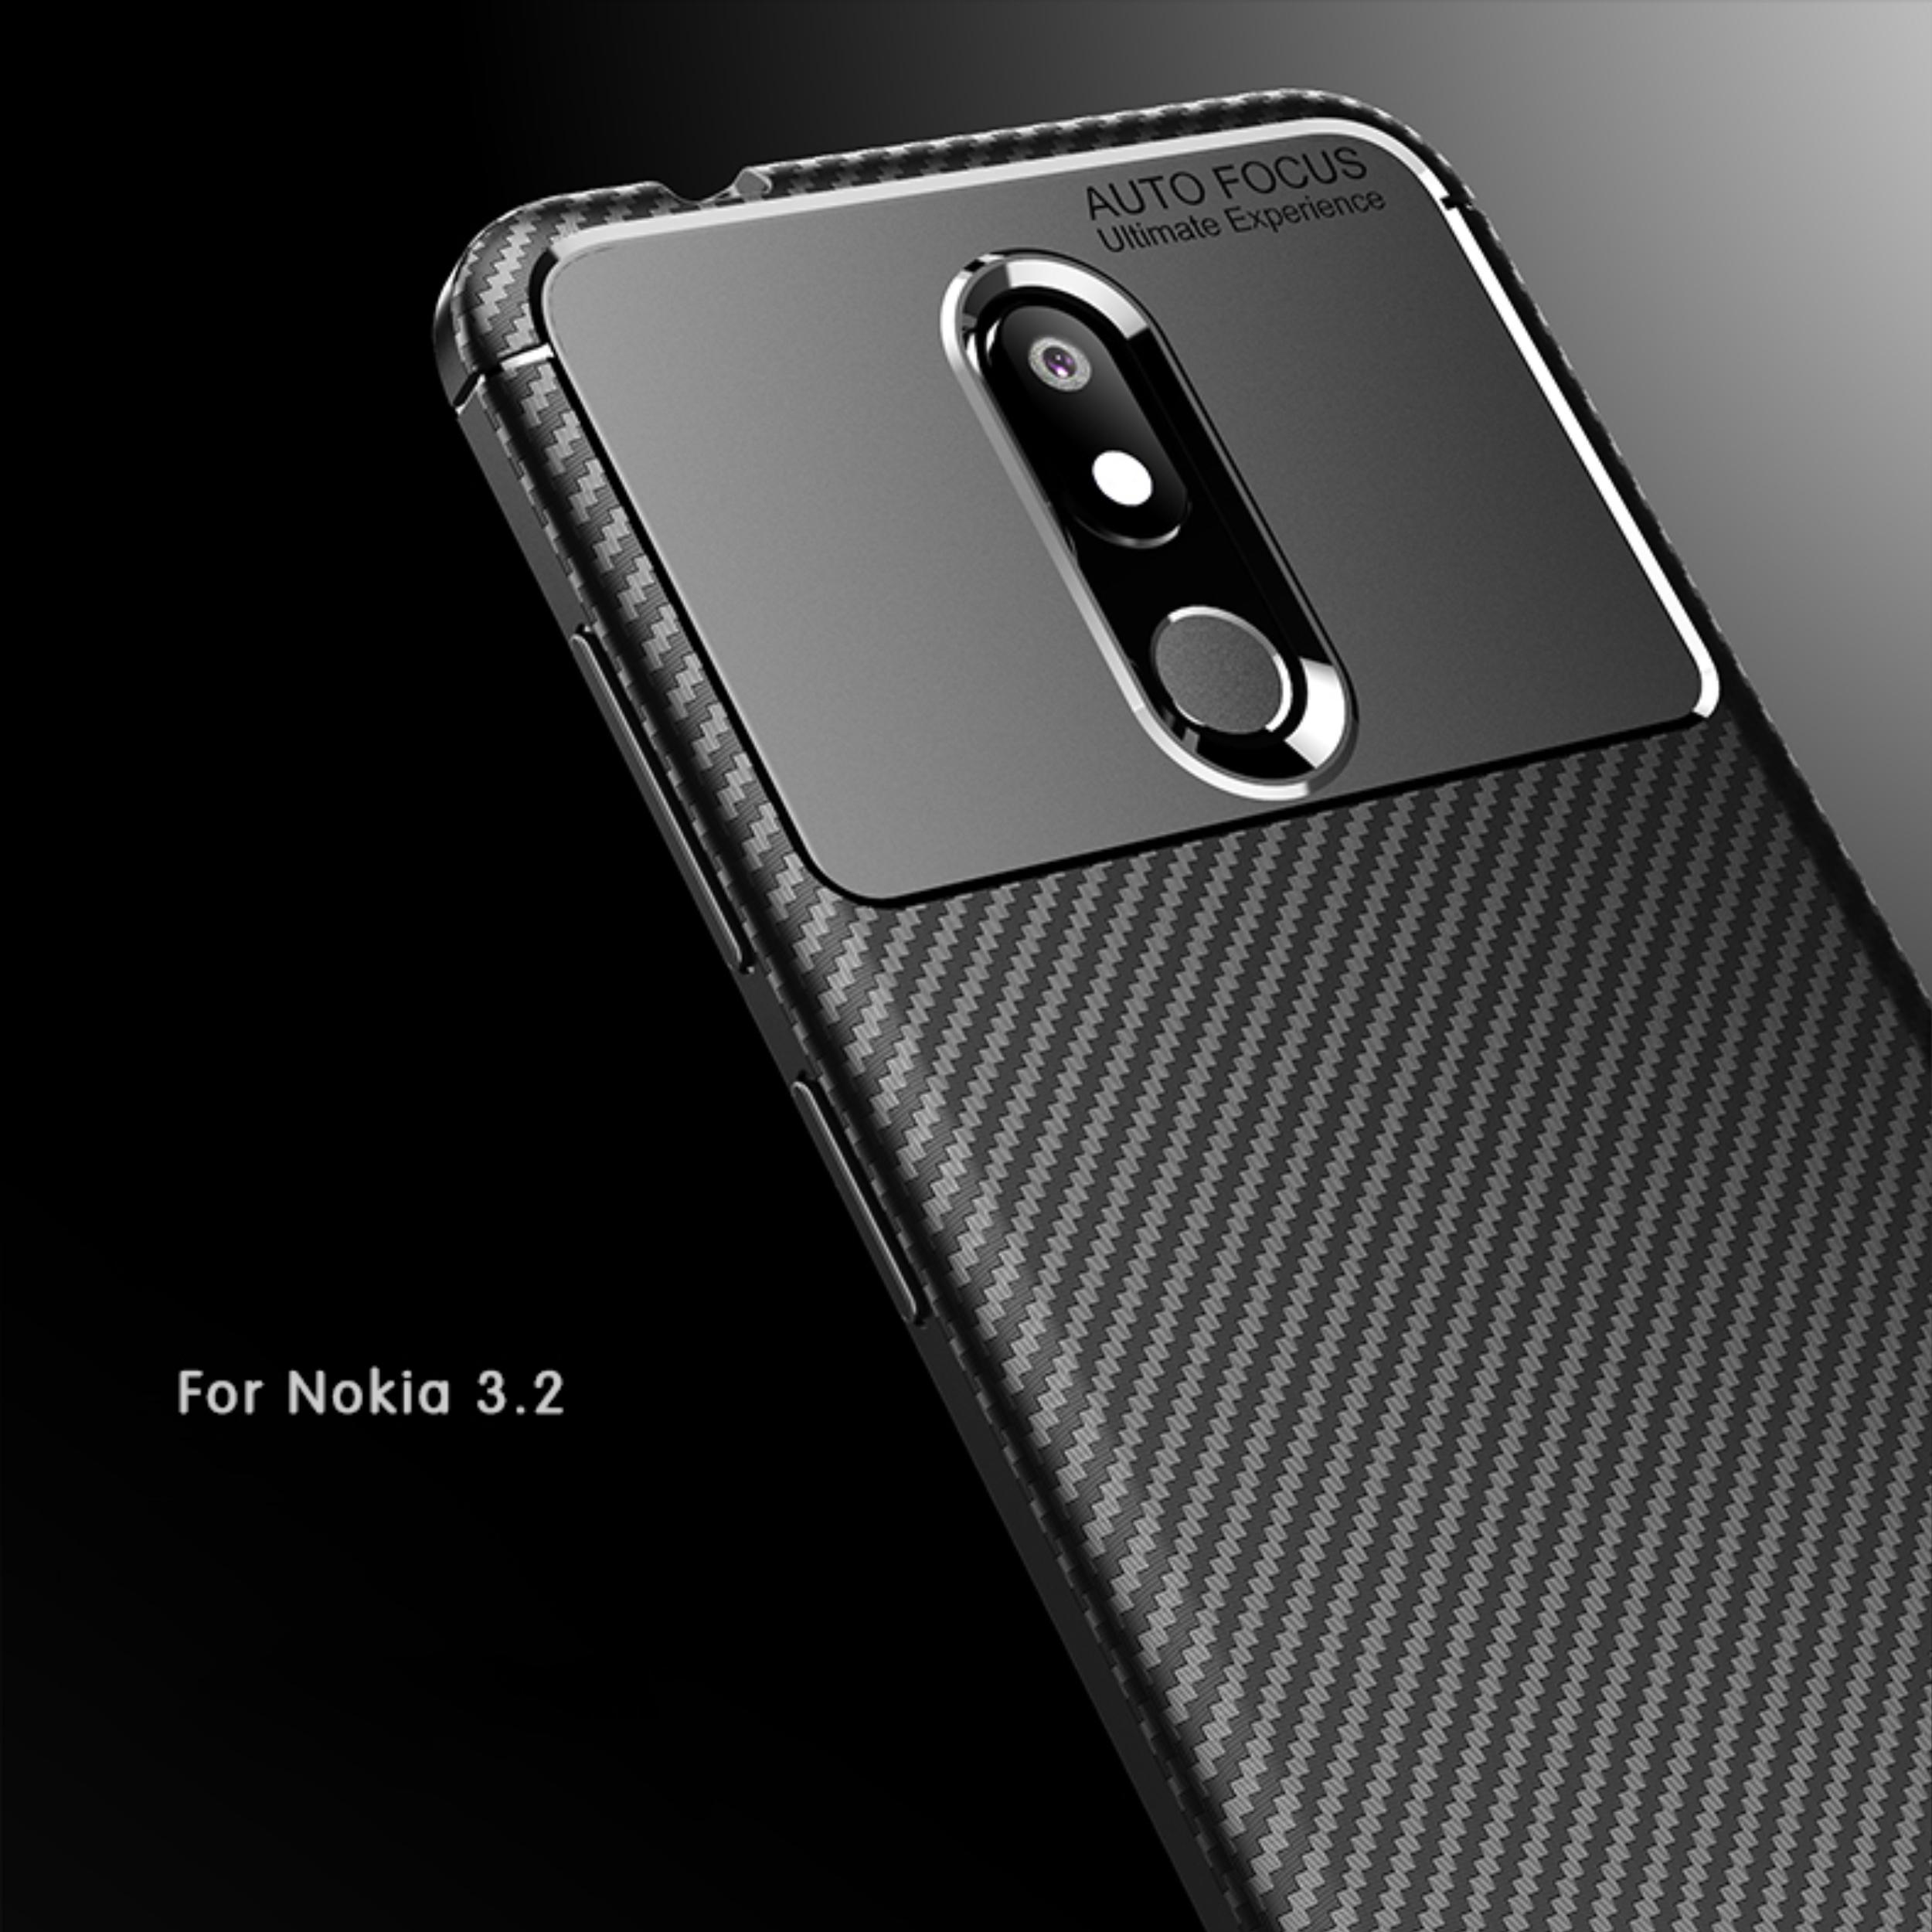 کاور کینگ پاور مدل A21 مناسب برای گوشی موبایل نوکیا 3.2              ( قیمت و خرید)